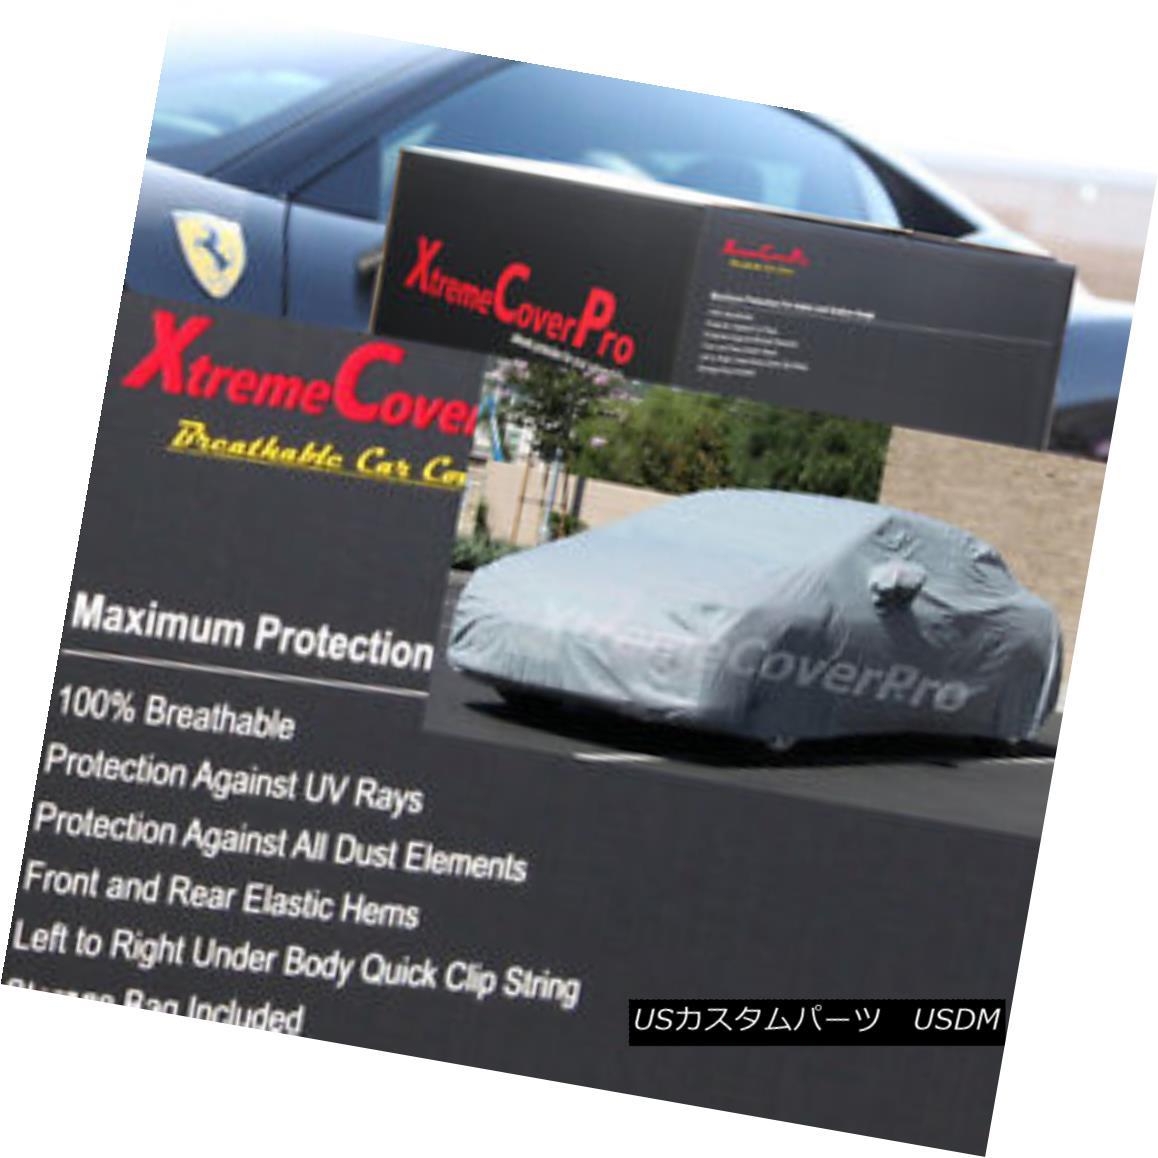 カーカバー Breathable Car Cover w/Mirror Pockets Gray fits 2008 2009 HYUNDAI GENESIS SEDAN ミラーポケット付き通気性カーカバーグレーフィット2008 HYUNDAI GENESIS SEDAN